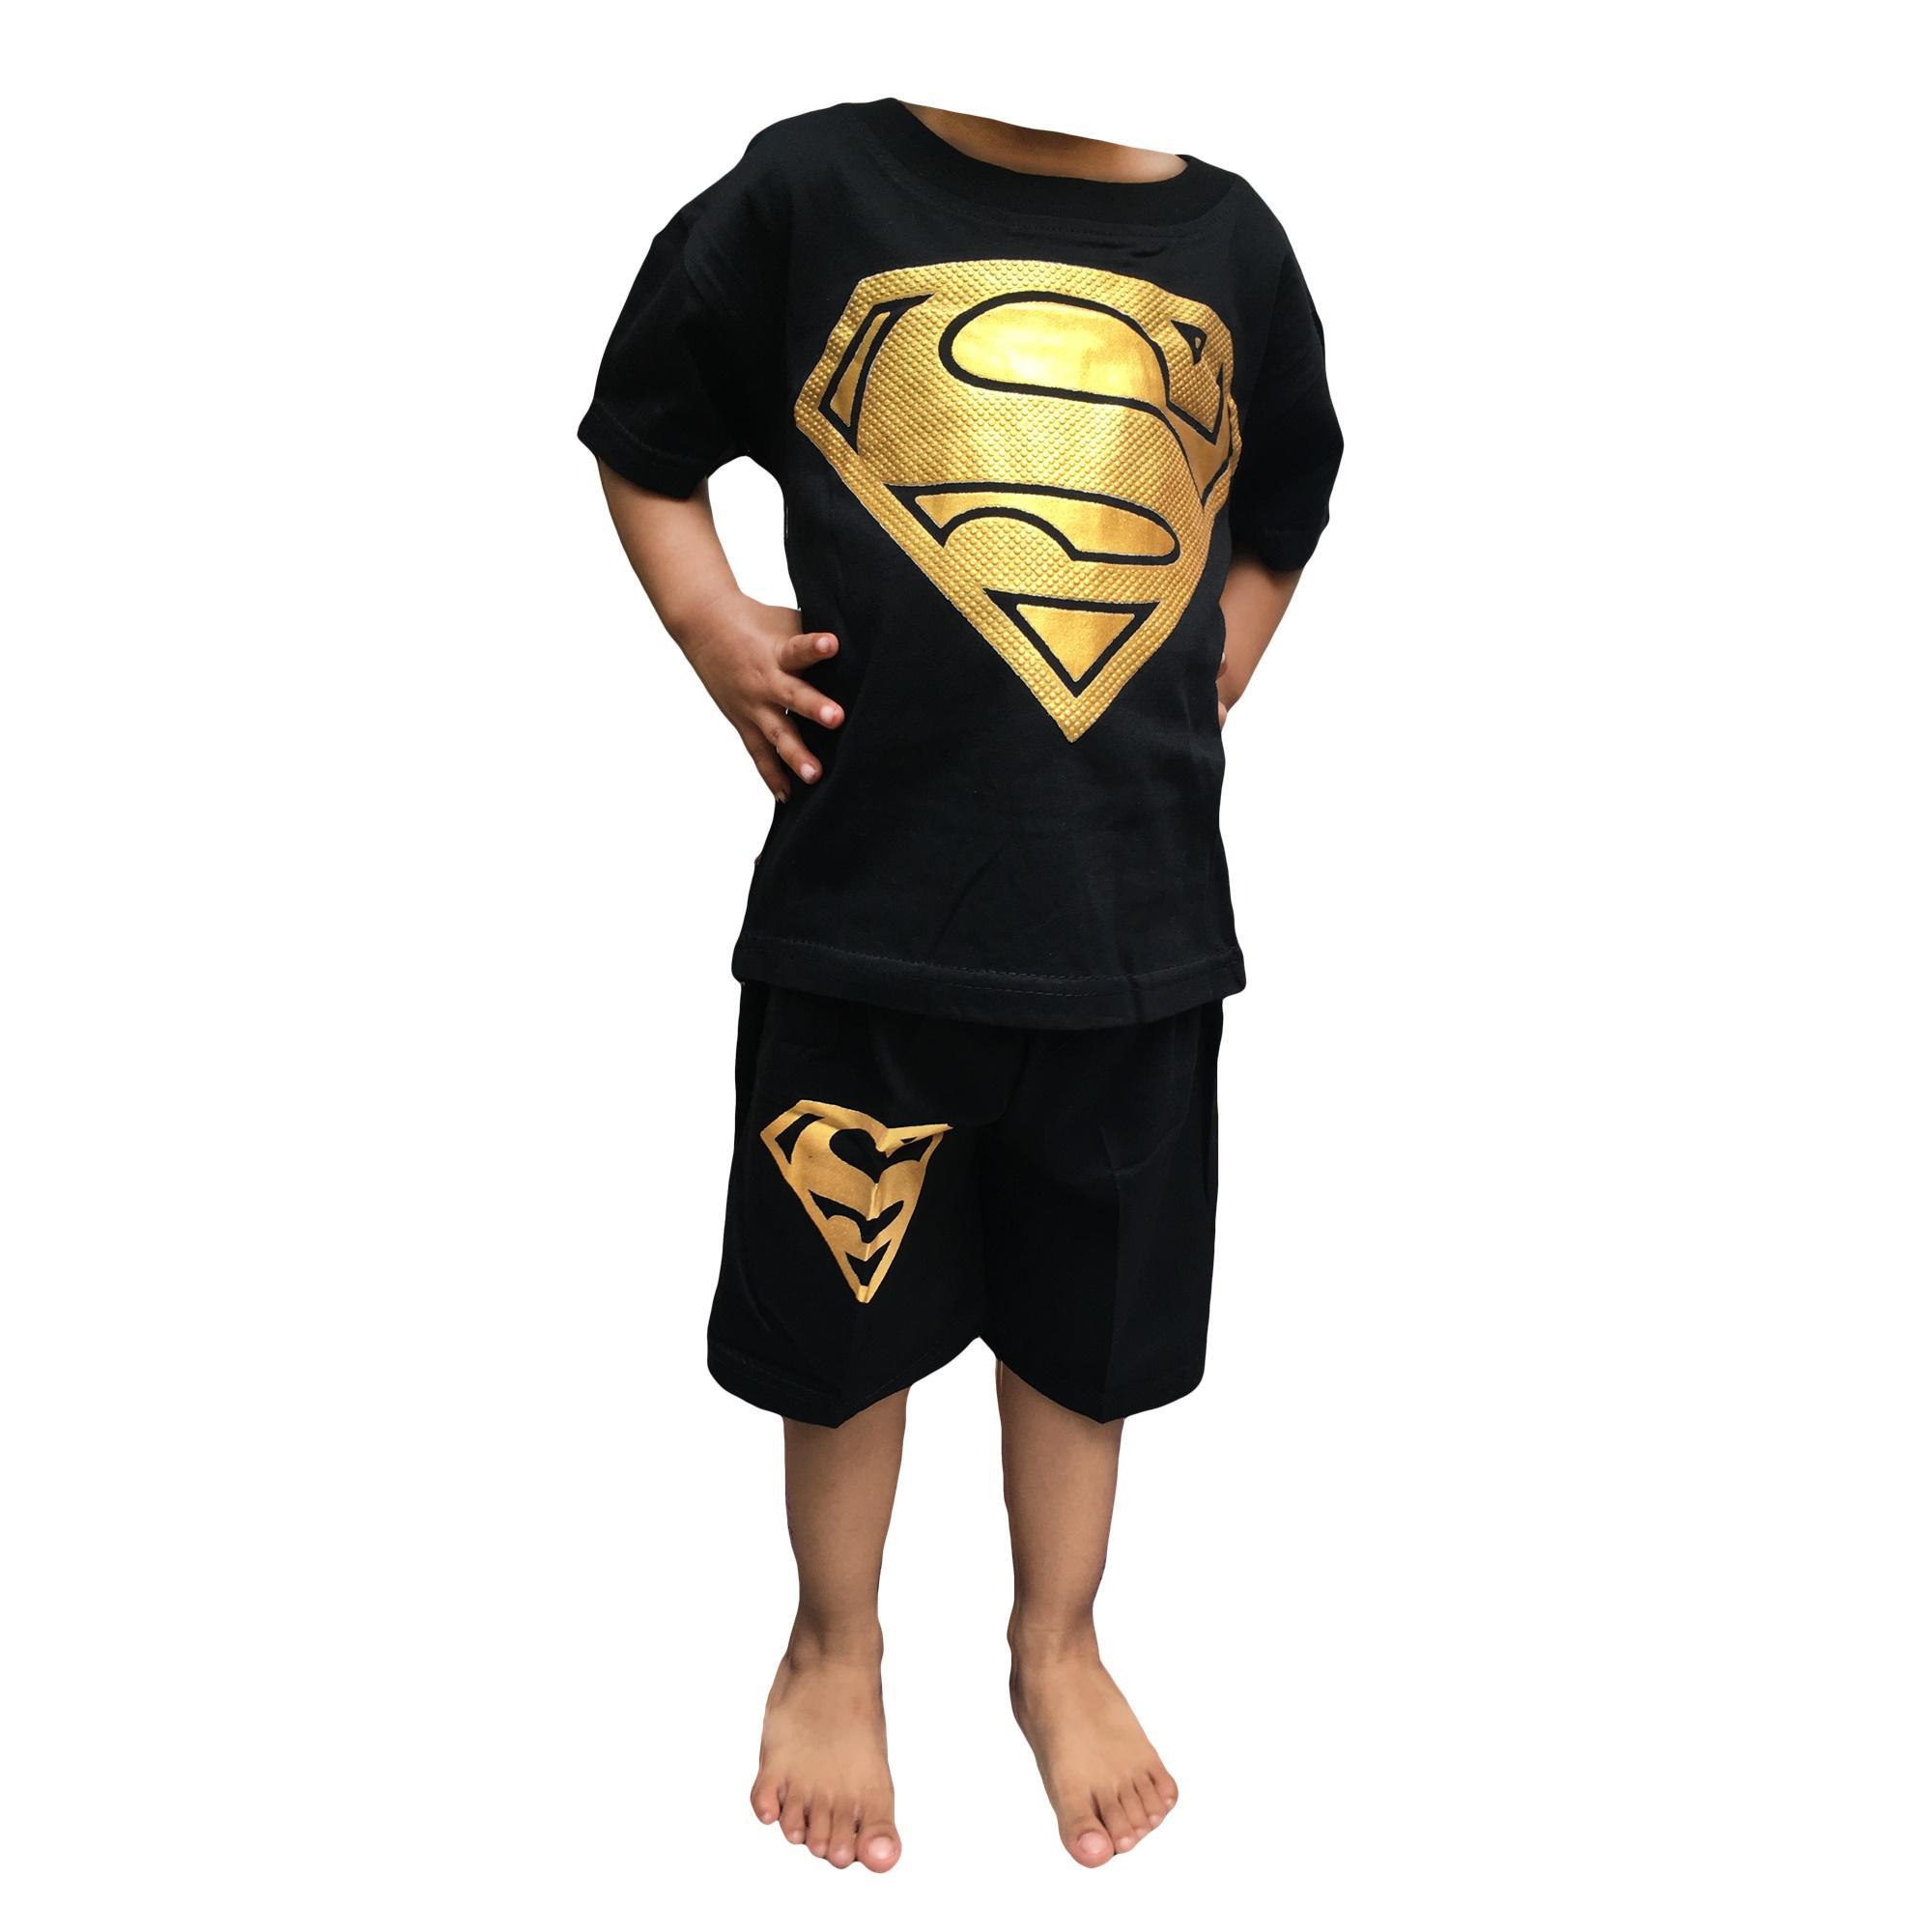 HM Setelan Anak Superman Foil Setelan Kaos Anak Karakter Superhero